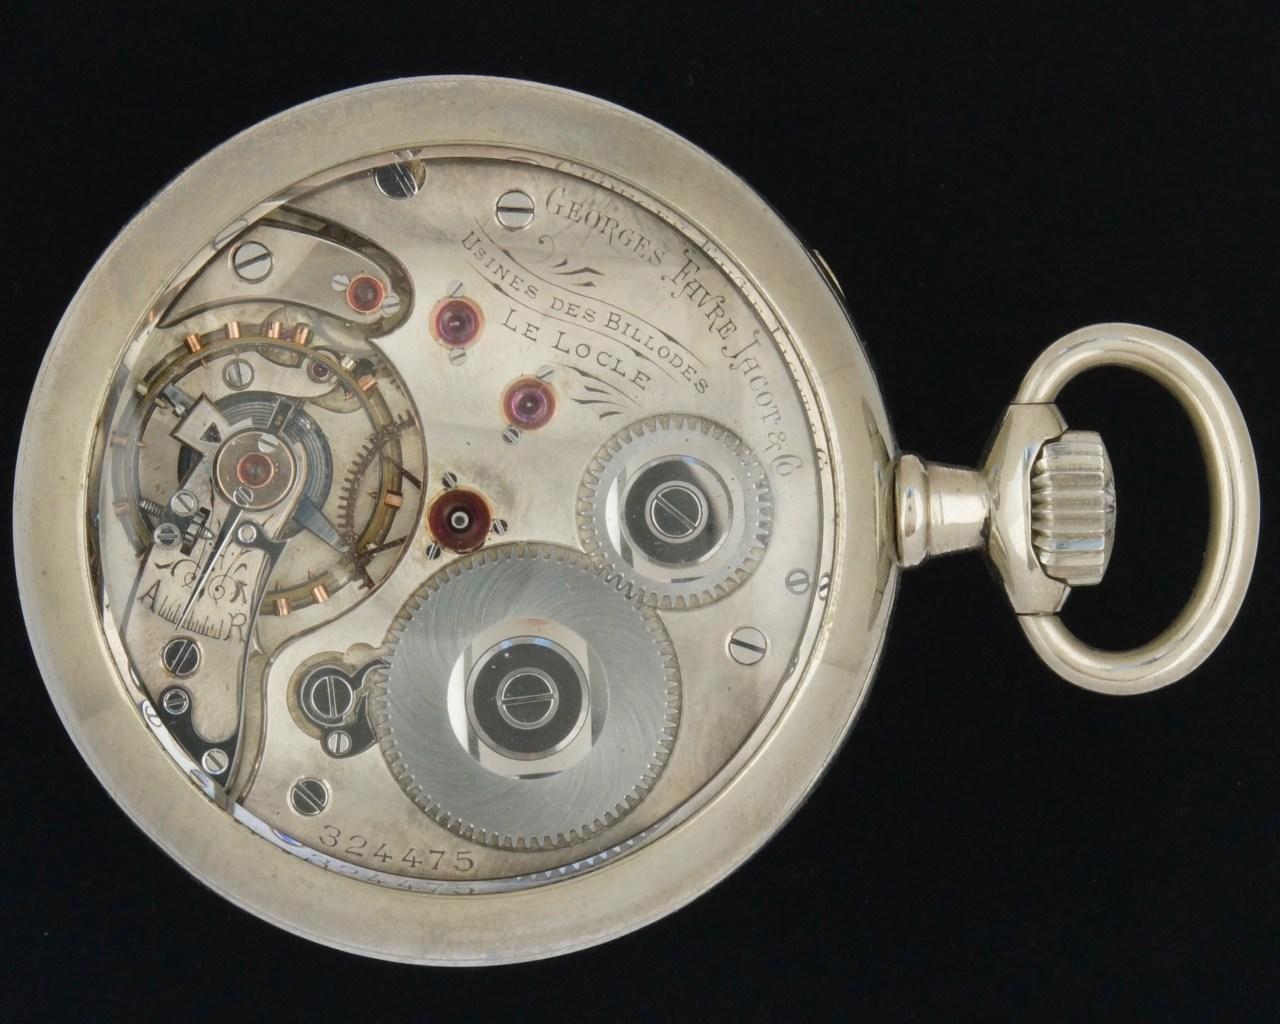 1475311239_georges_favre_jacot_zenith_usine_des_billodes_le_locle_montre_de_poche_chronometre_61-2